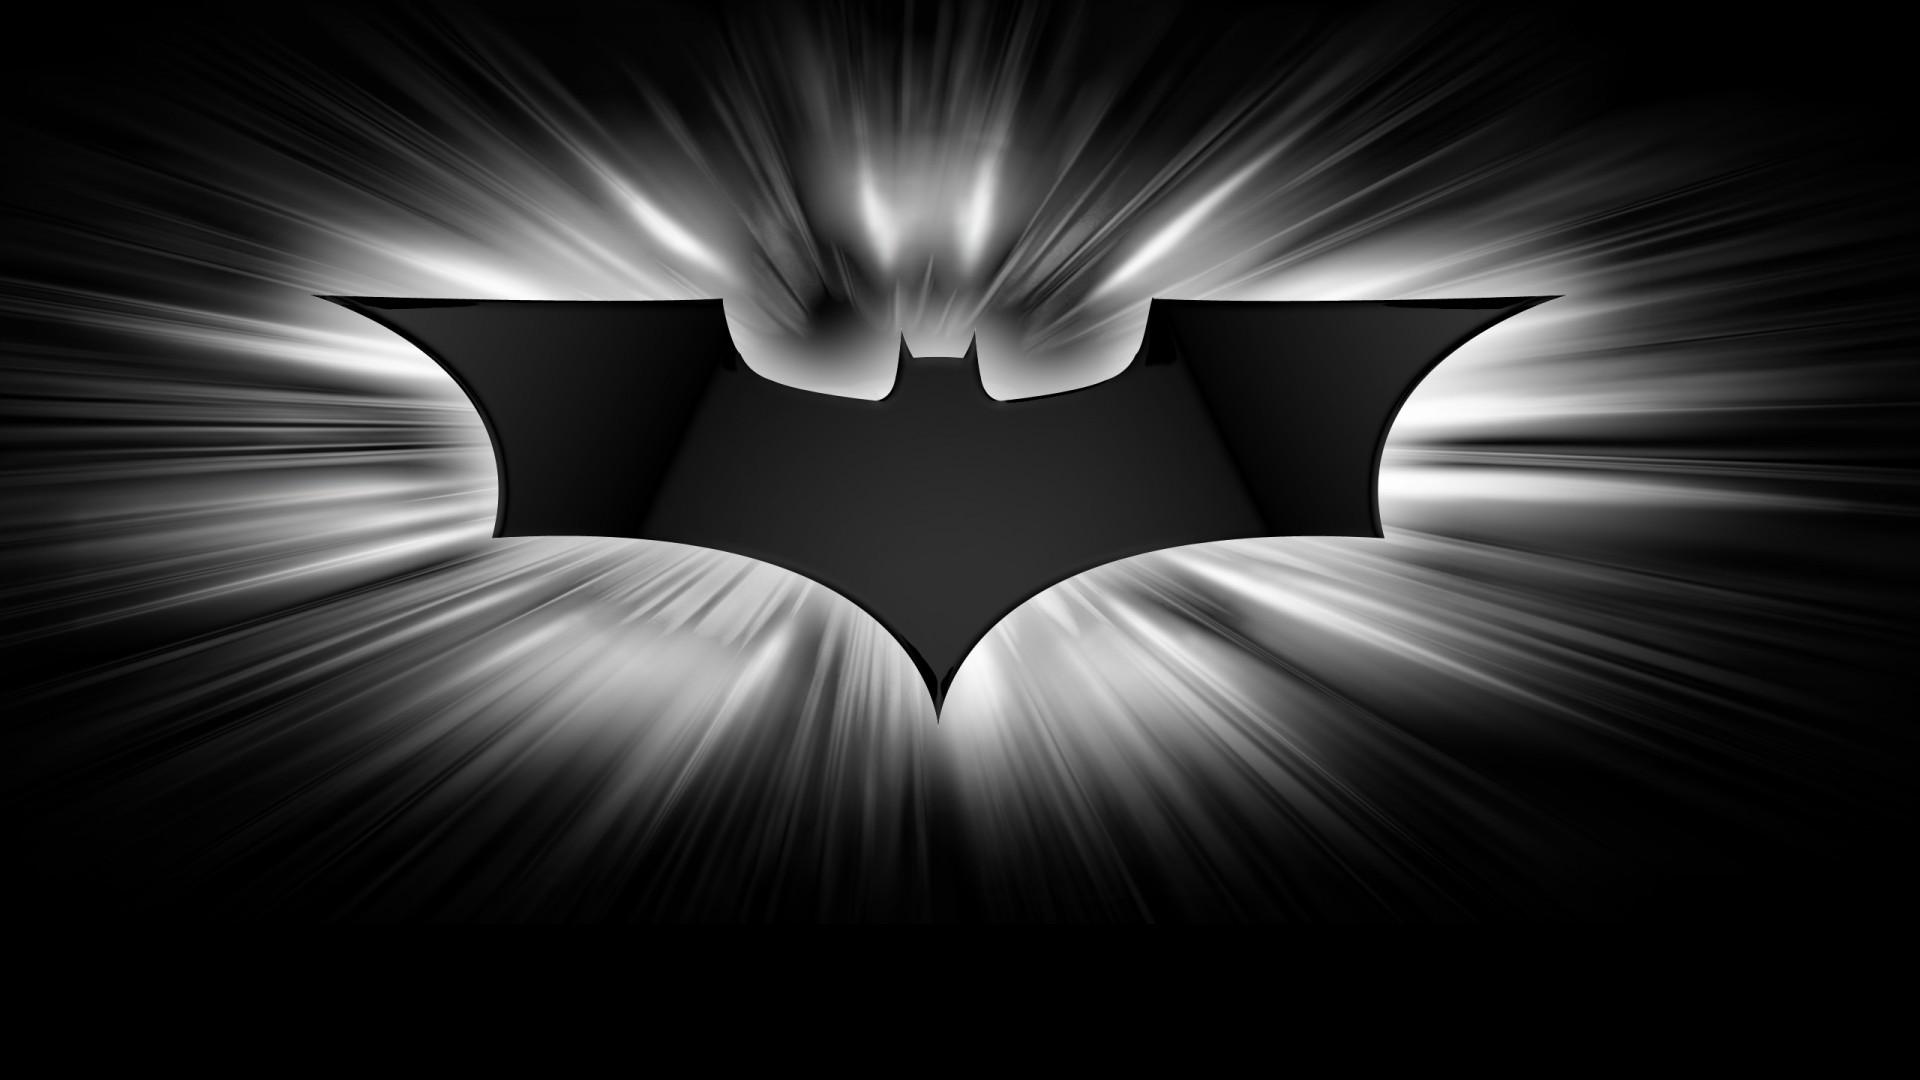 Black White Square Wallpaper Awesome Batman Bat Symbol Hd Wallpapers